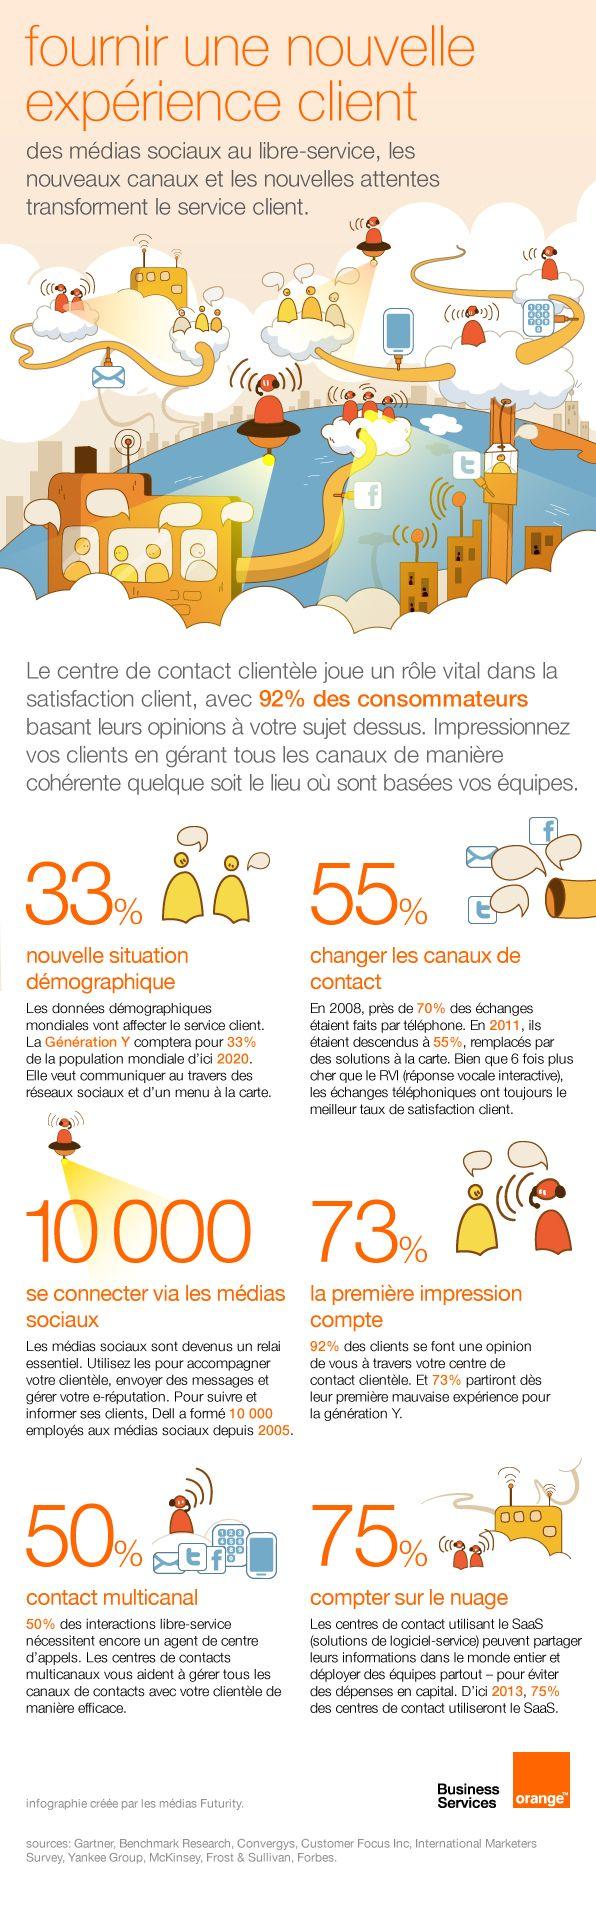 infographie : fournir une nouvelle expérience client